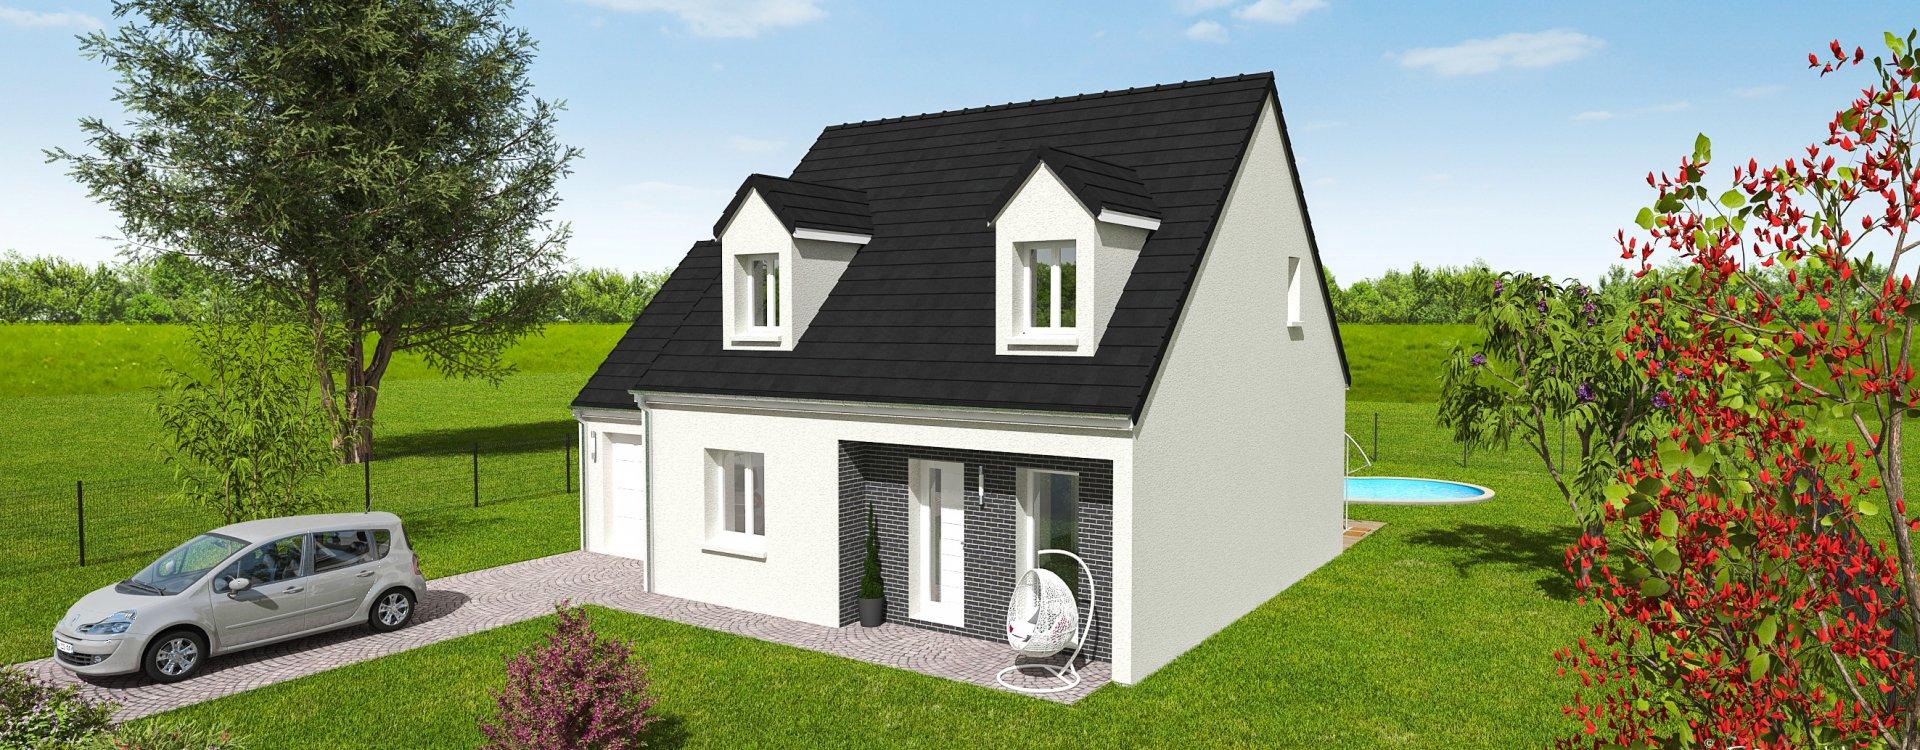 Maisons + Terrains du constructeur EASY HOUSE • 91 m² • CHATEAUNEUF SUR LOIRE